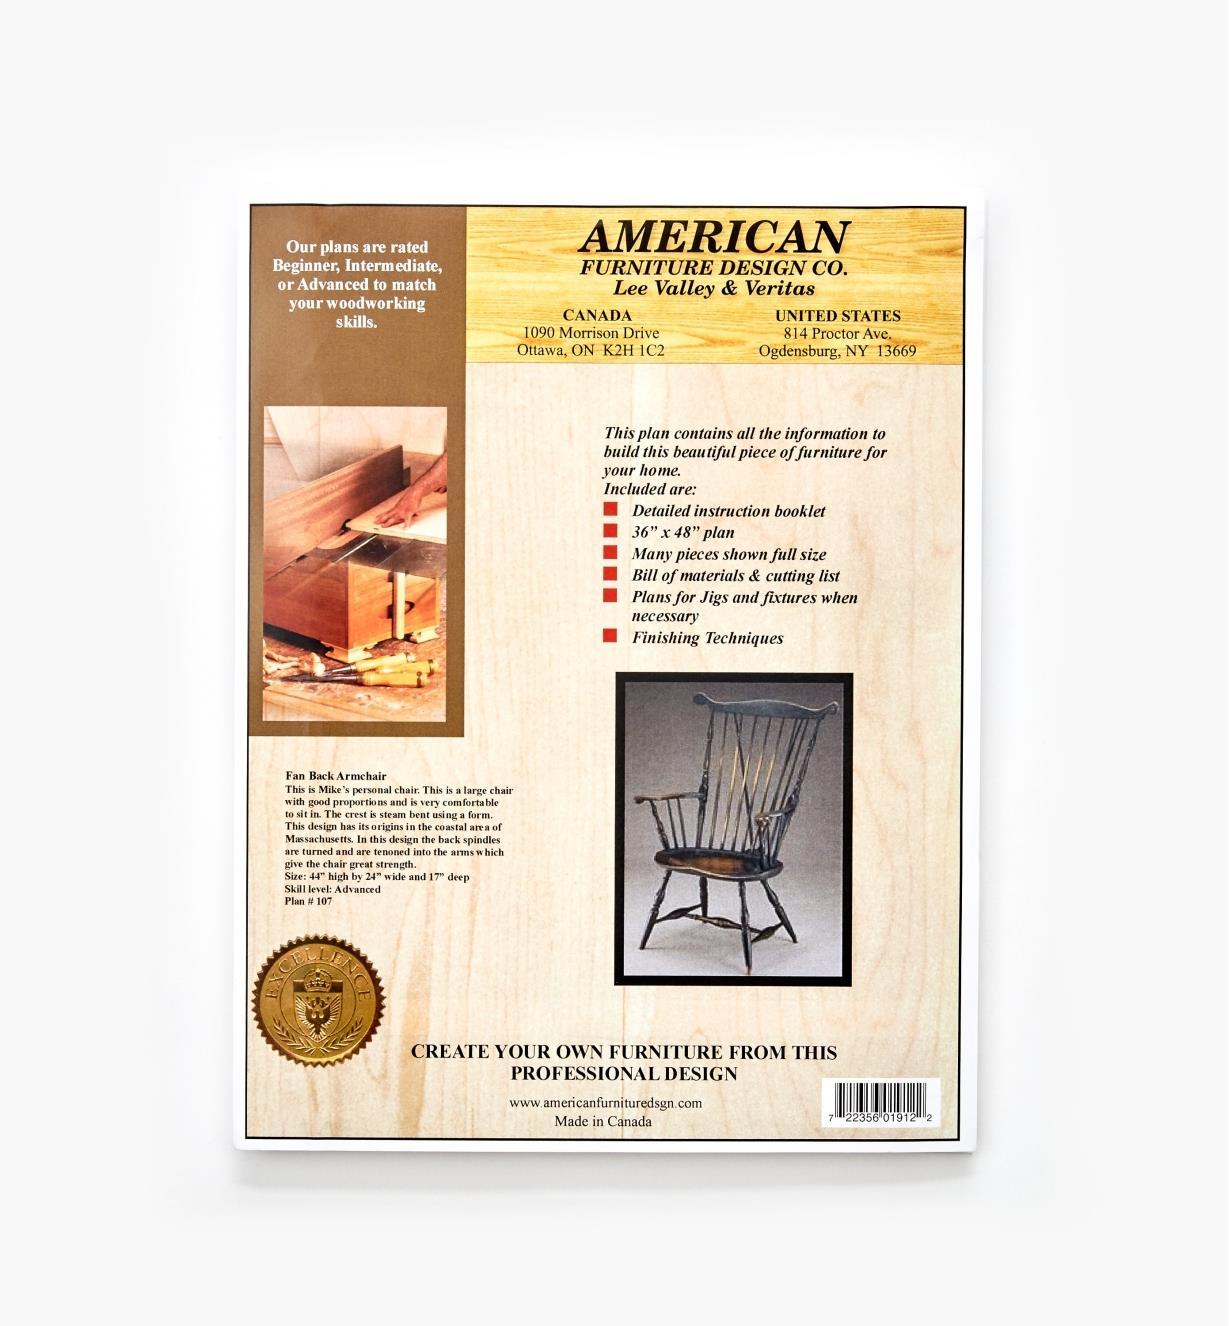 01L5047 - Fan-Back Armchair Plan